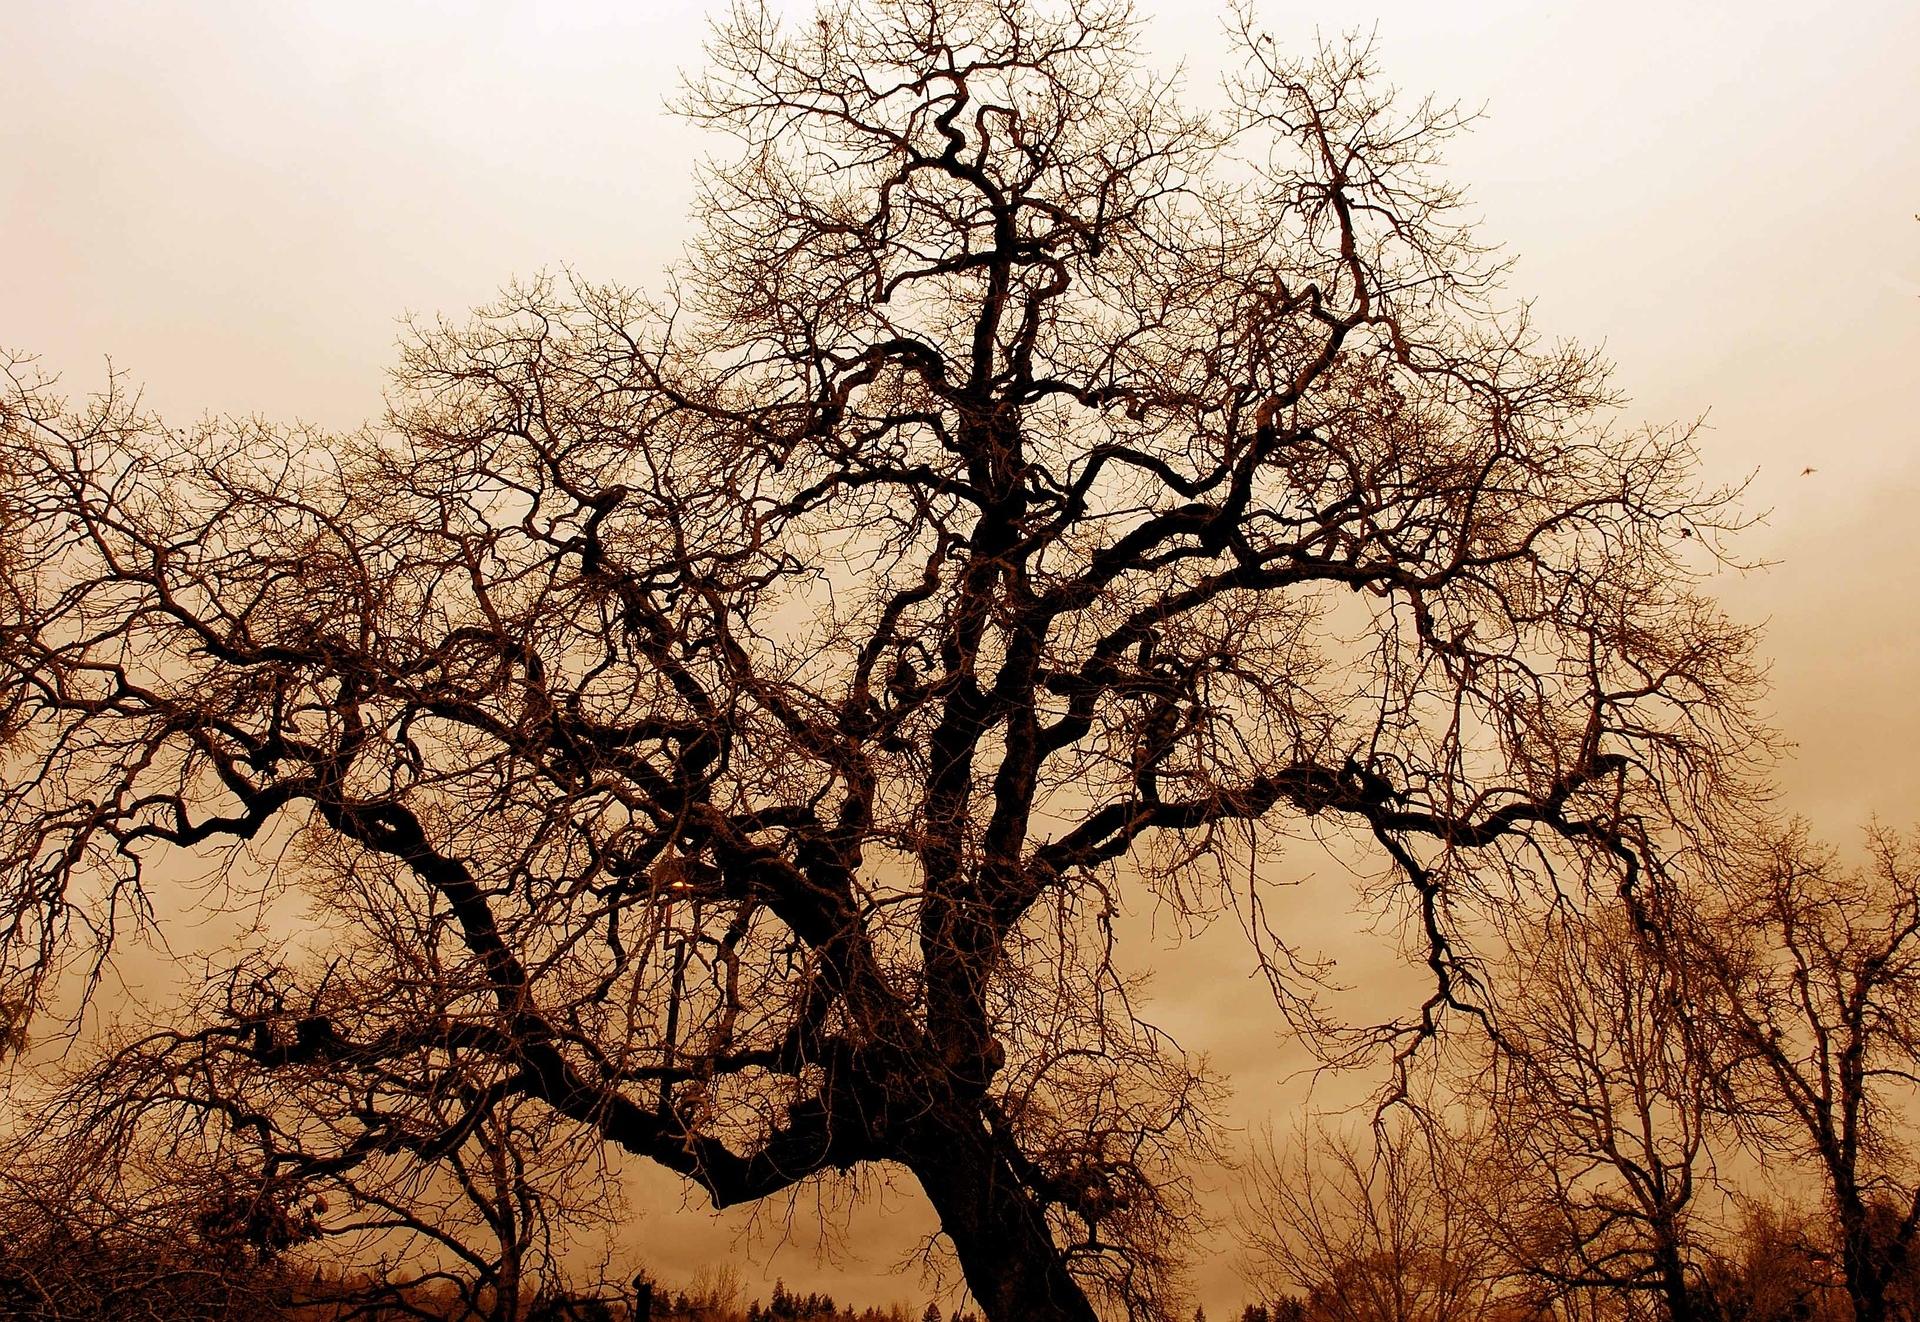 gnarled-old-oak-1166907_1920.jpg